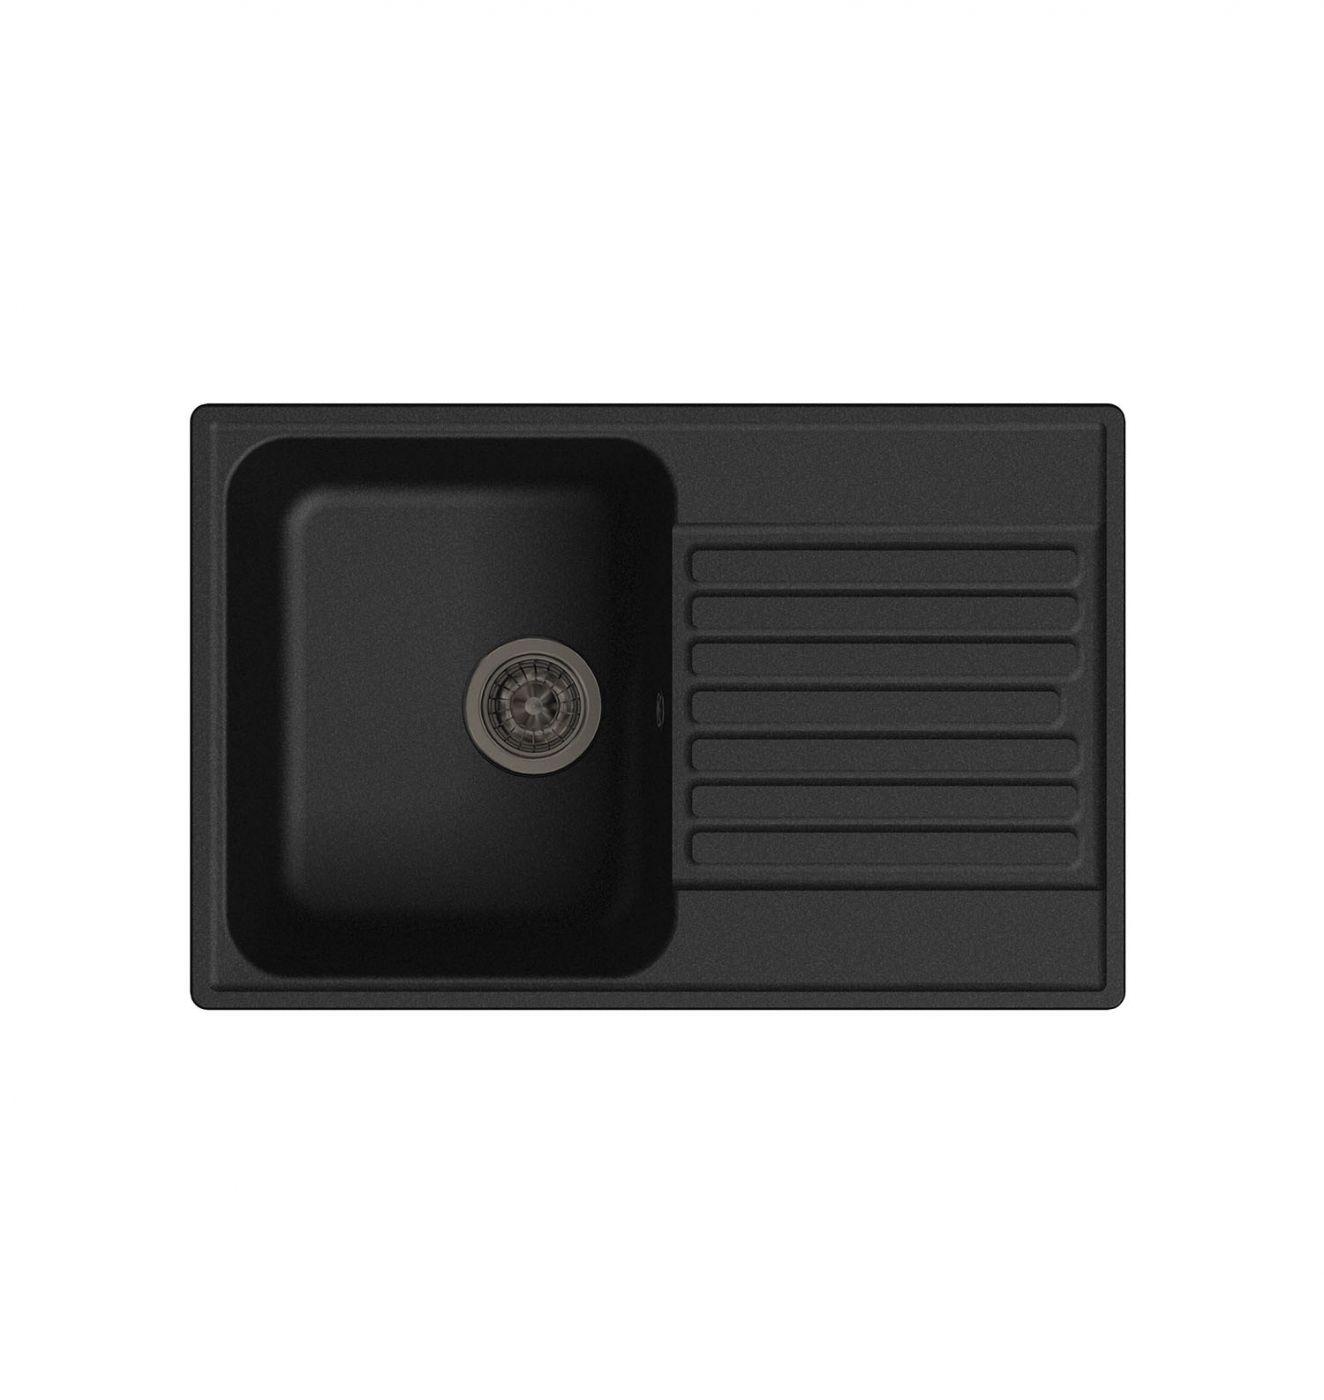 Врезная кухонная мойка LEX Geneva 740 Black  74х48см полимер RULE000020